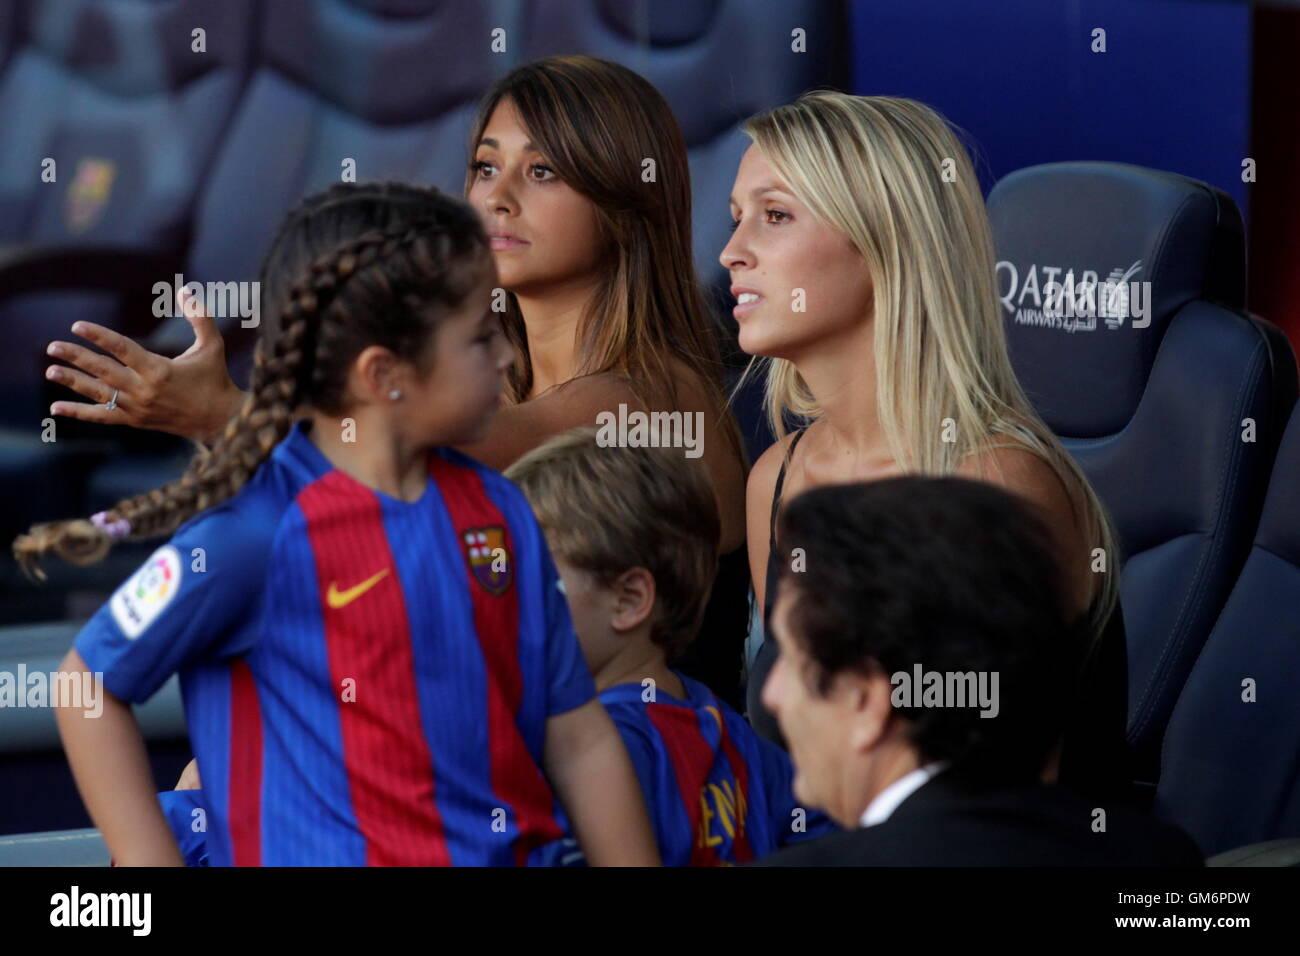 08/20/2016. Camp Nou, Barcelona, Spain. Antonella Roccuzzo Lionel Messi companion and Ms. suarez at Camp Nou - Stock Image